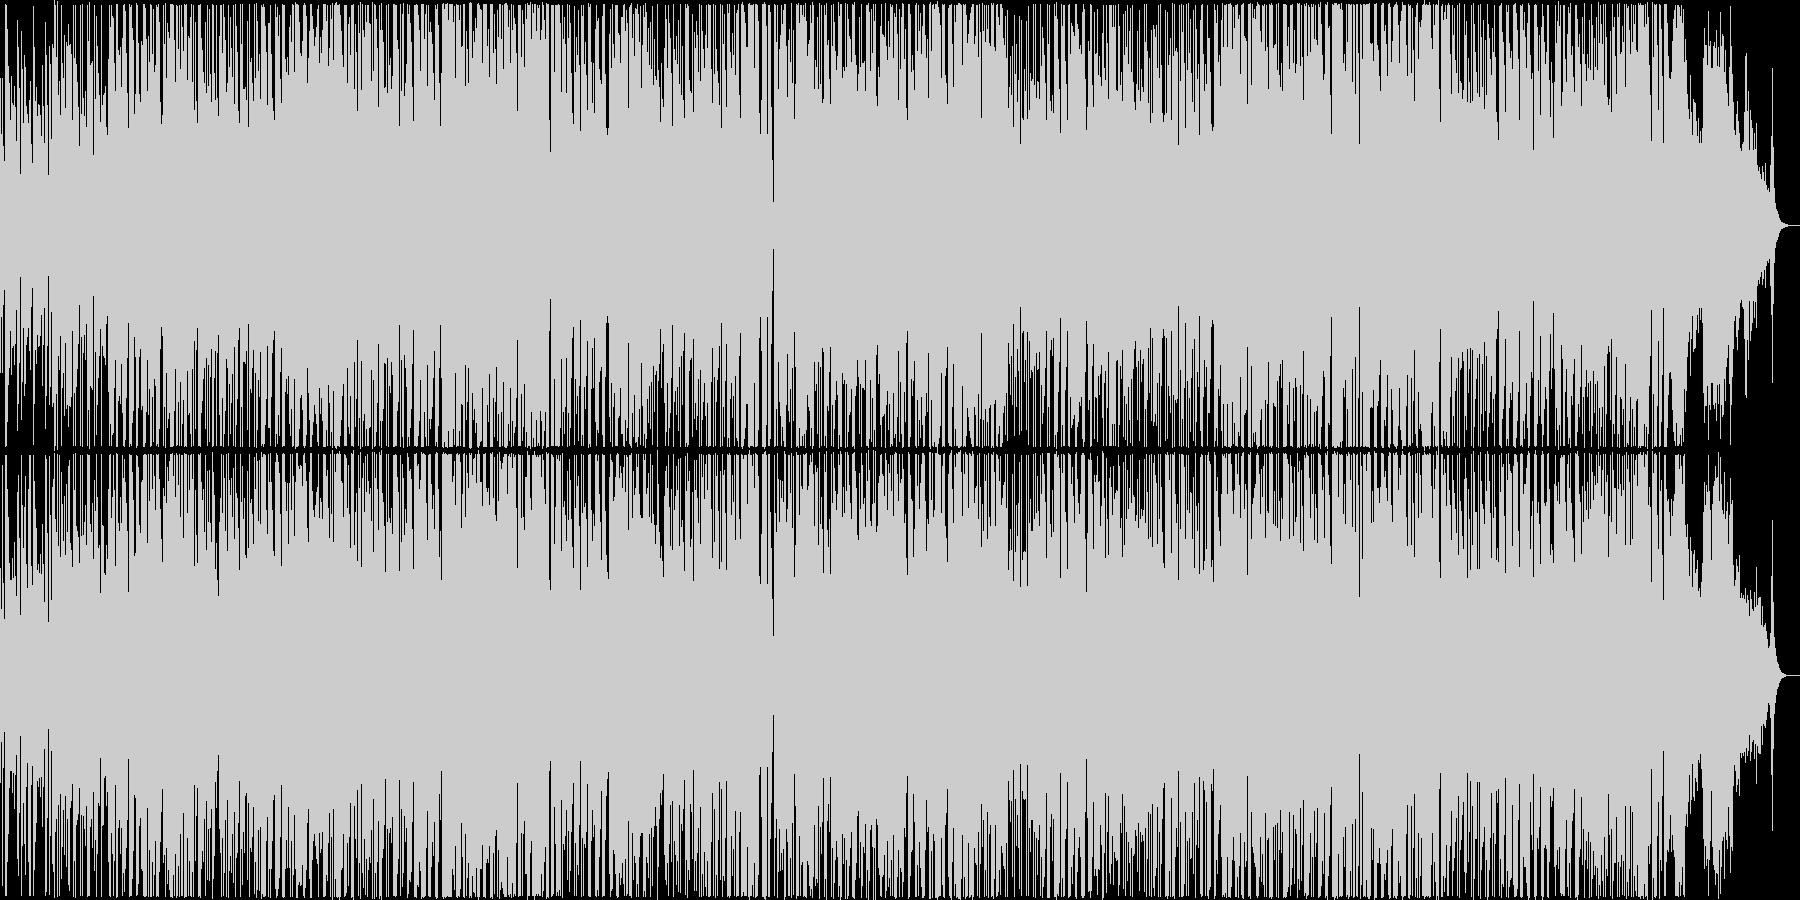 サックス生演奏が素敵おしゃれBGM_v2の未再生の波形